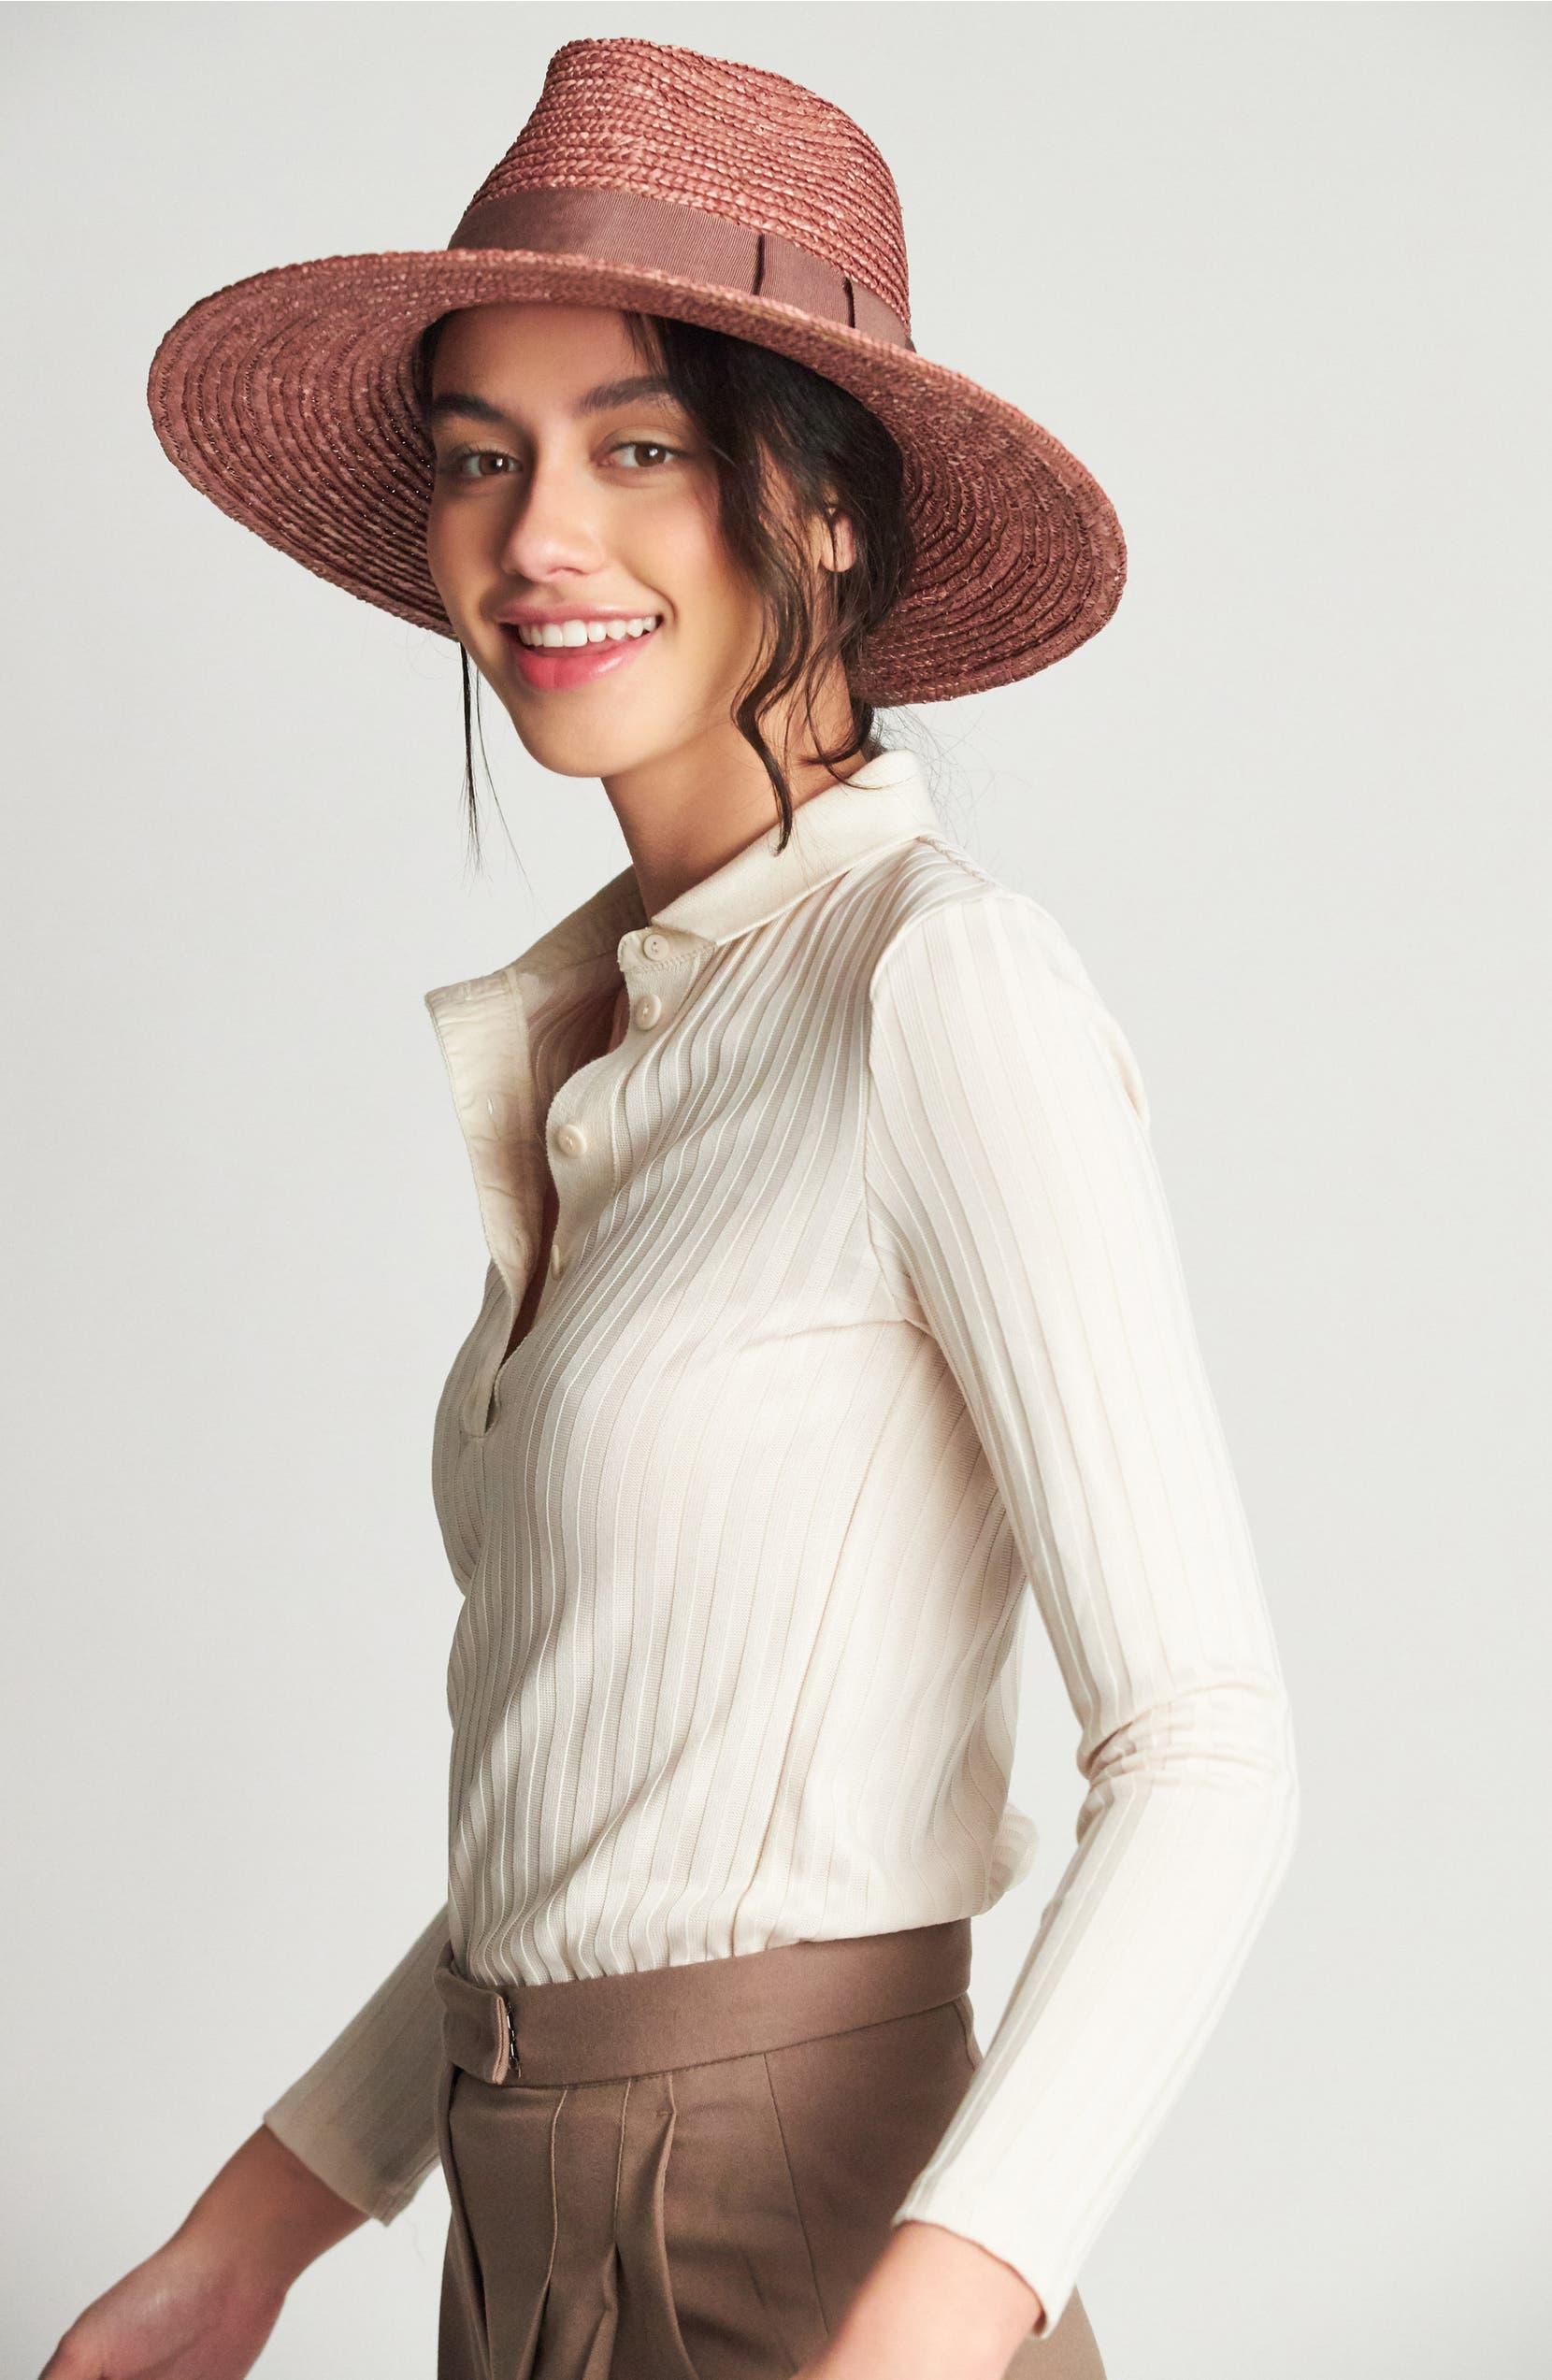 Brixton  Joanna  Straw Hat  18270c7d82d7